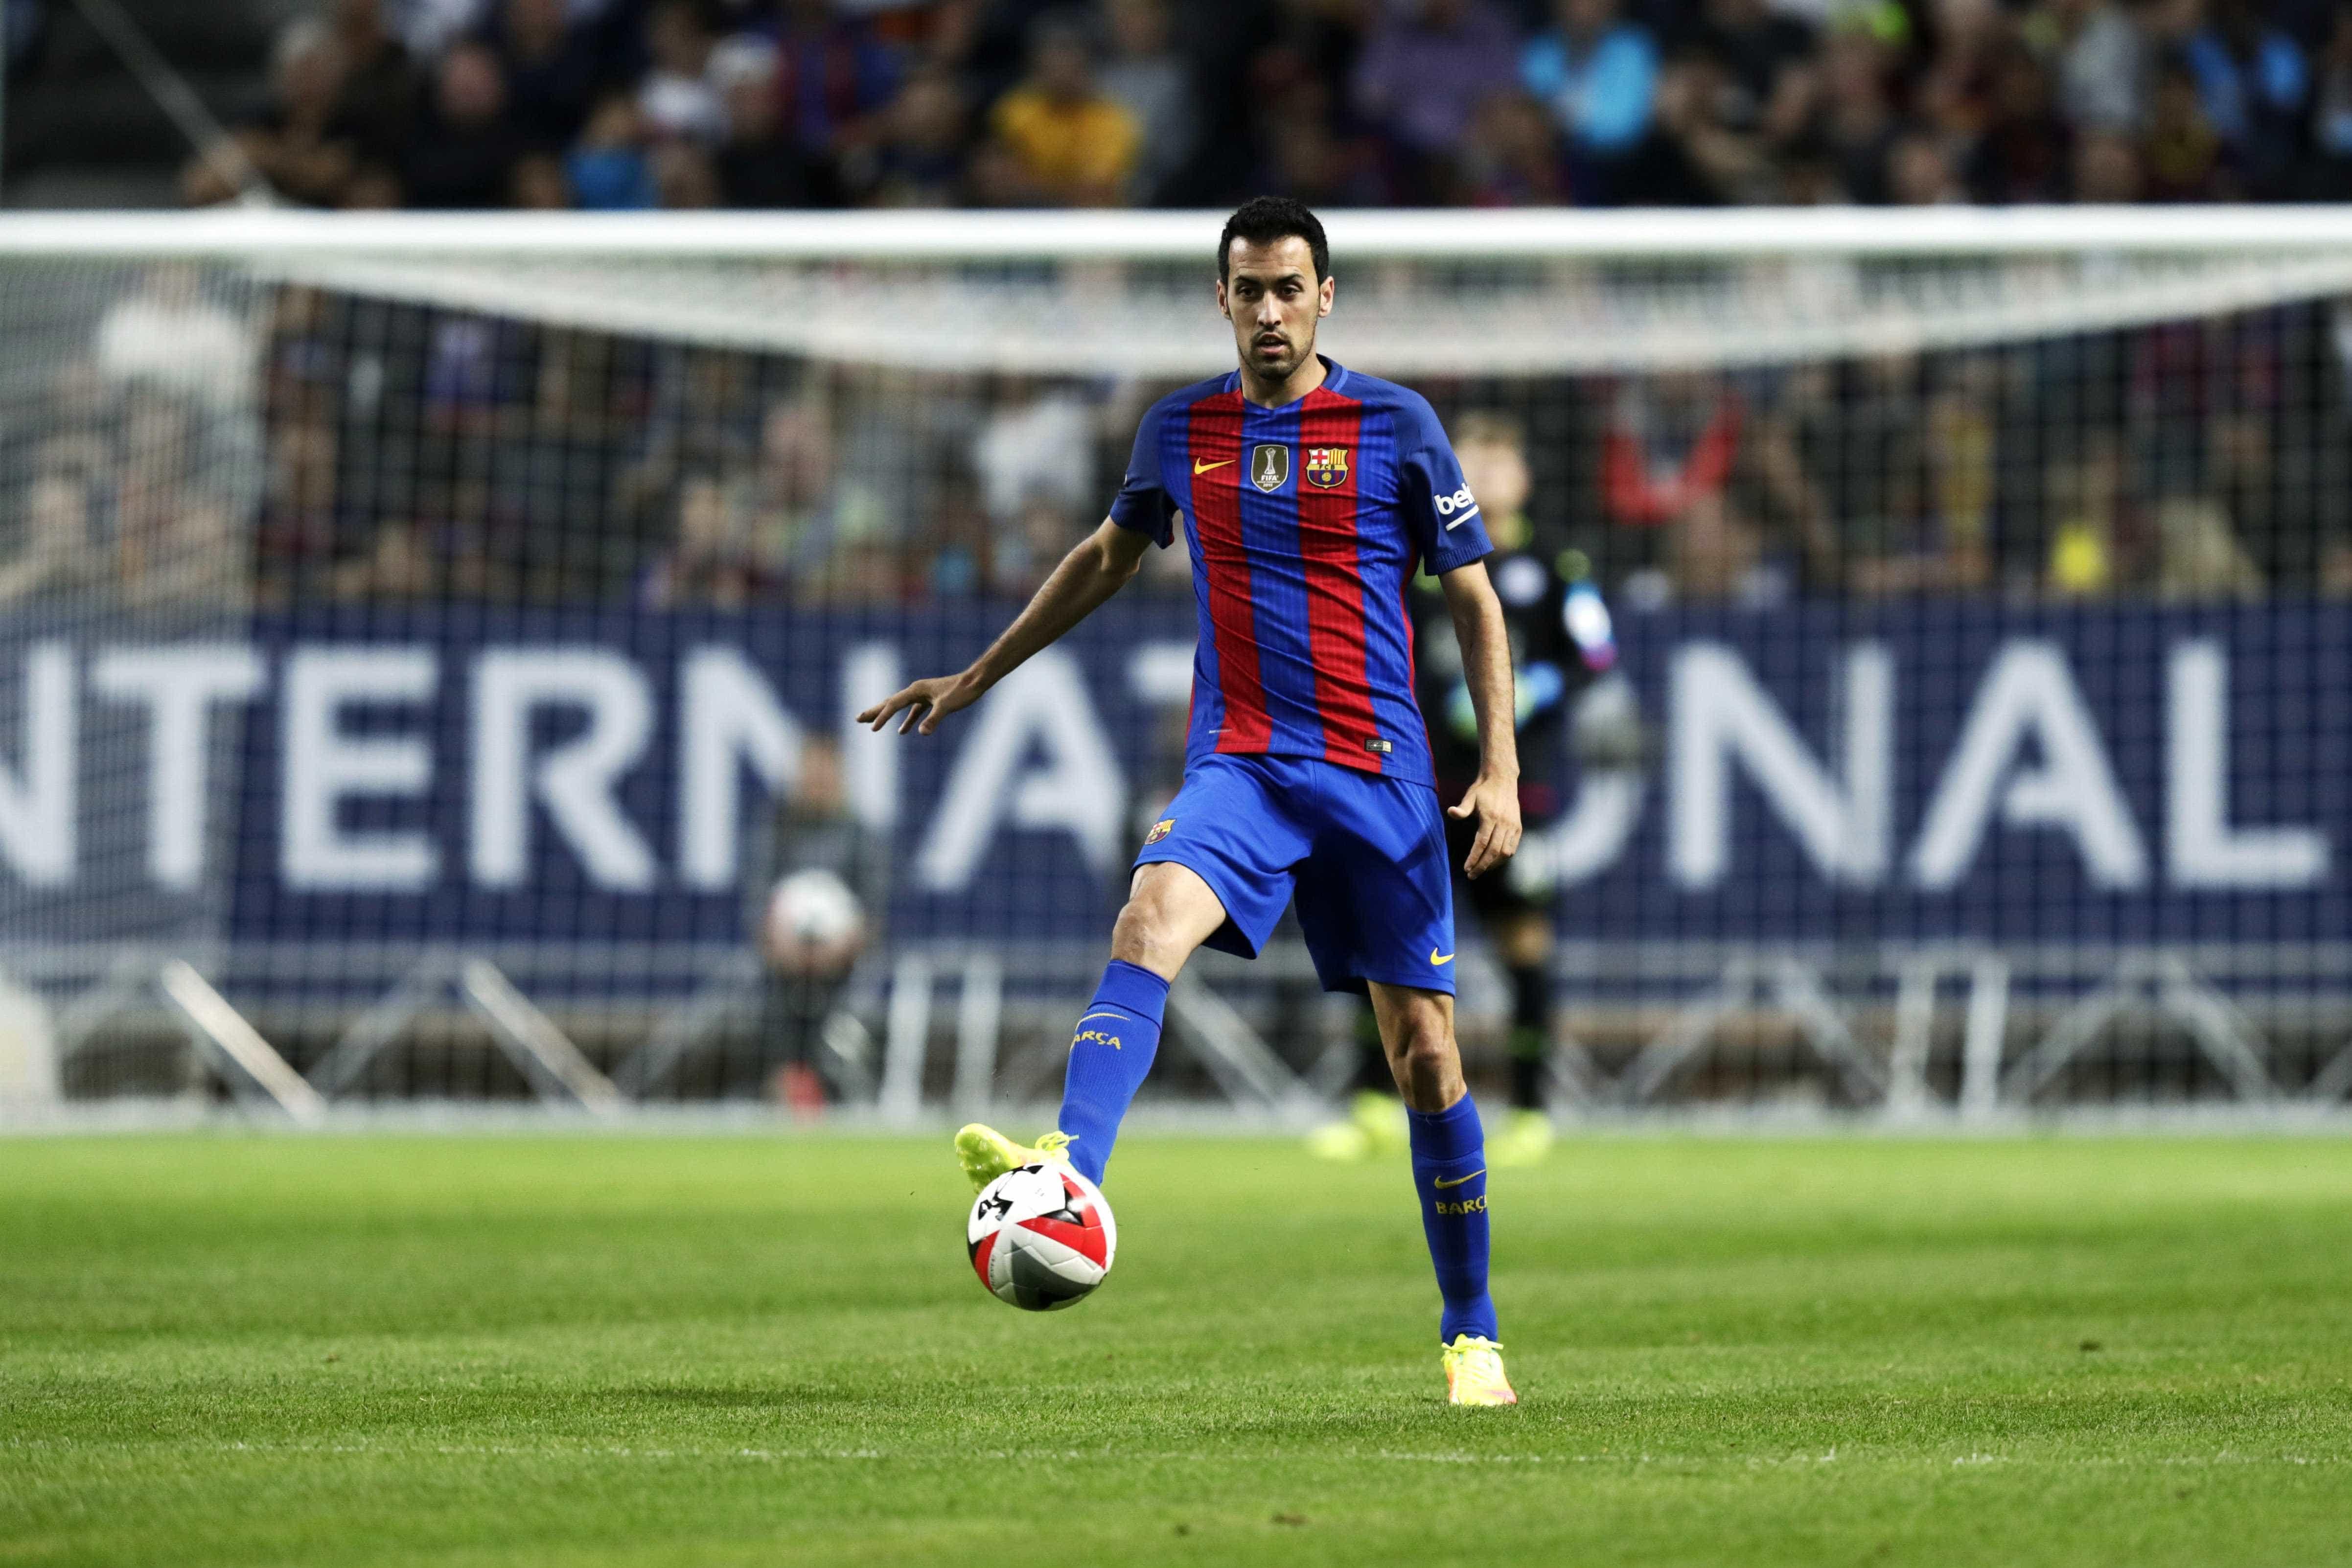 Busquets explica porque prefere Messi a Ronaldo